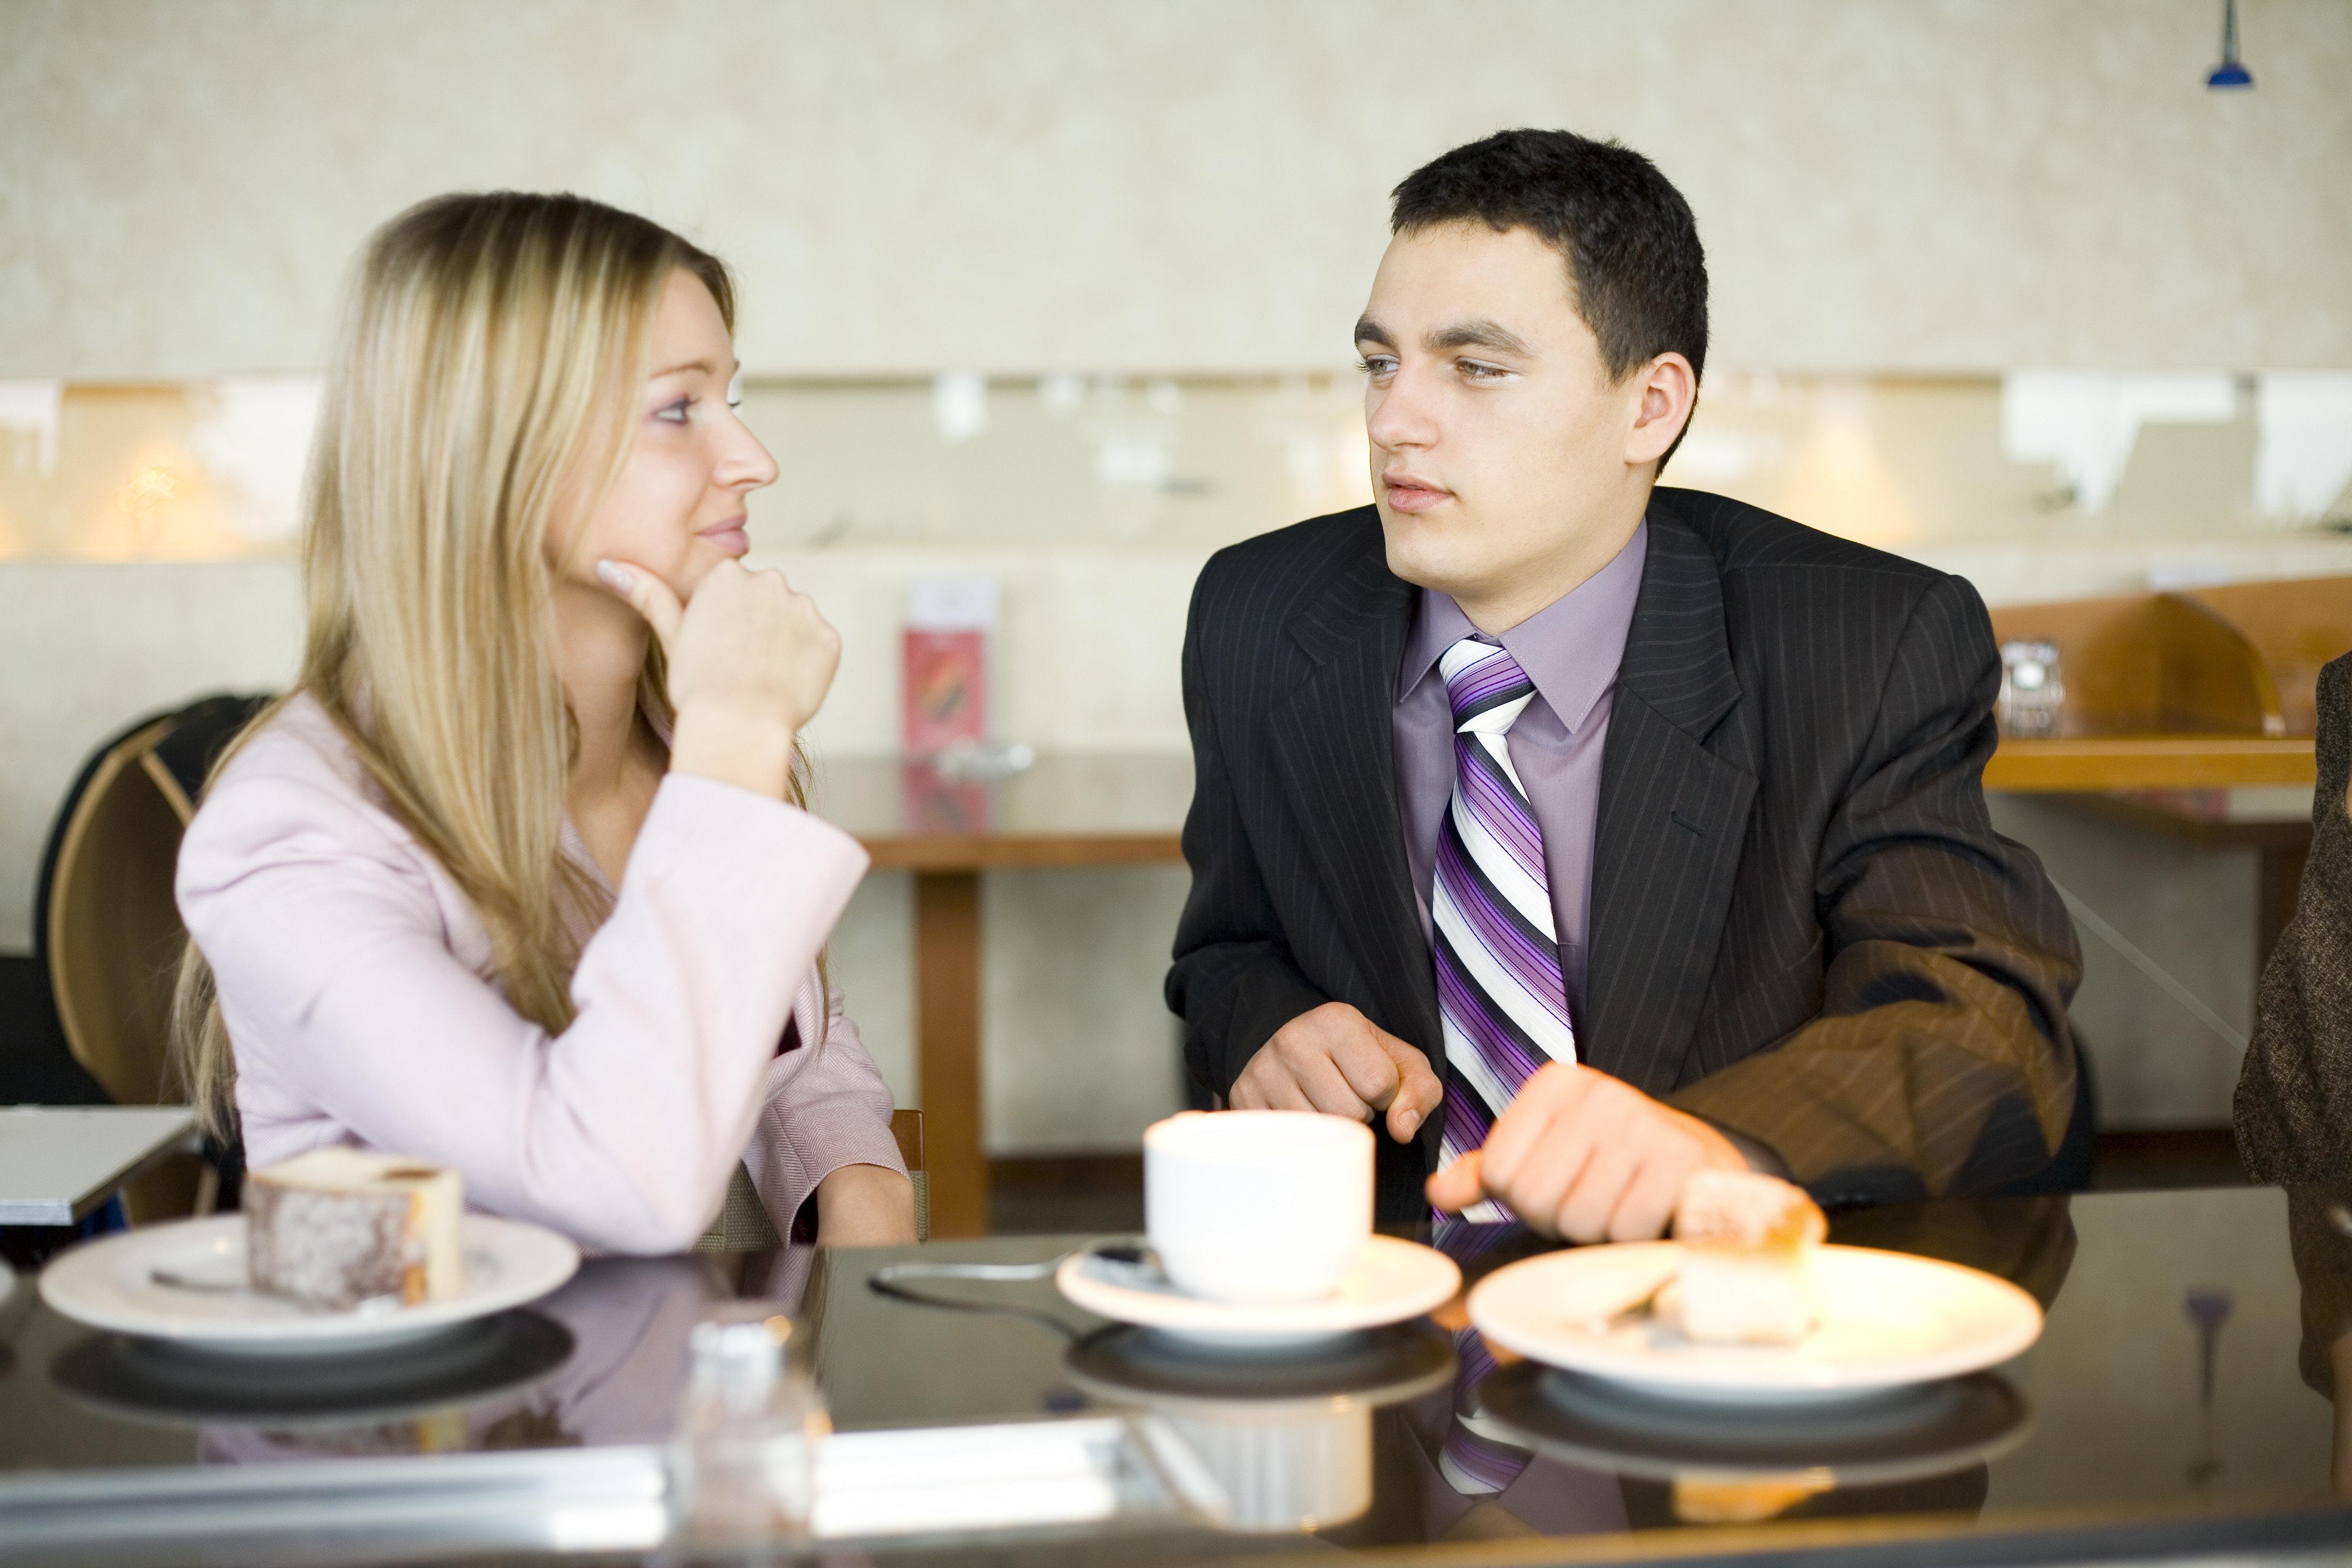 ting du bør vide, når du daterer en lærer